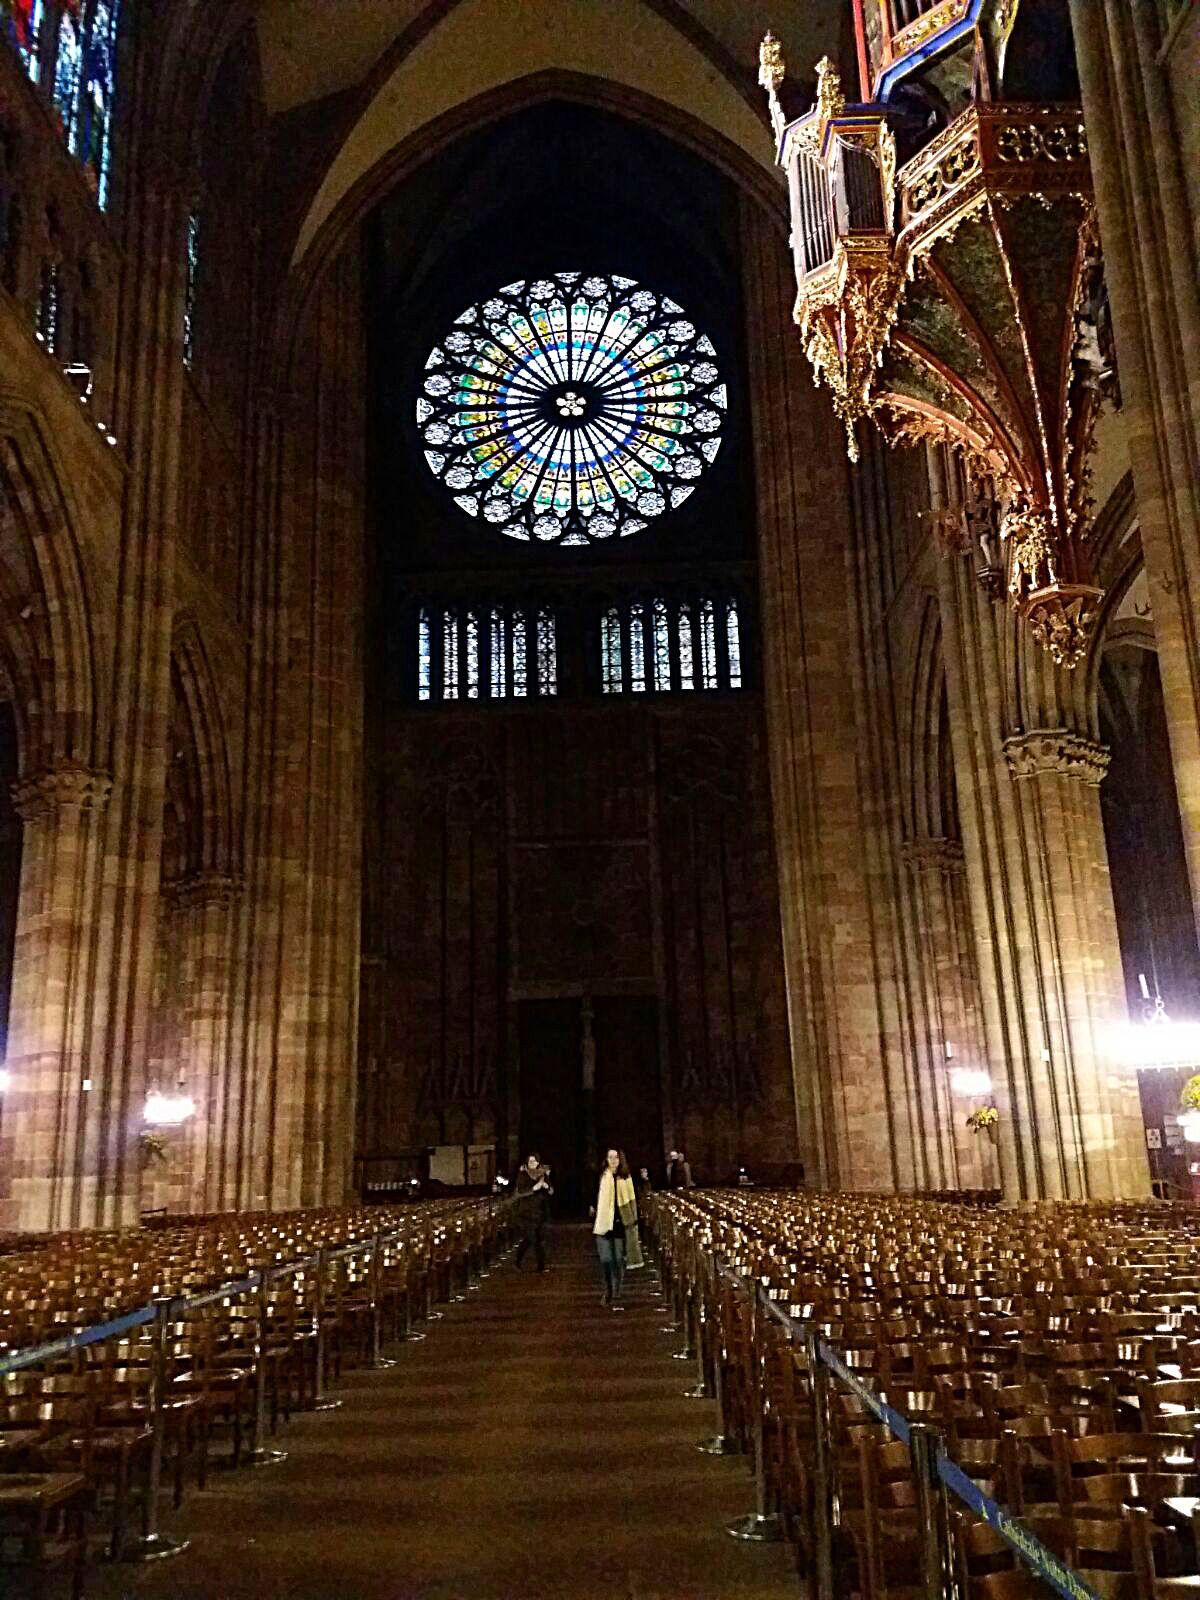 Visiter la cathédrale La cathédrale de Oeuvre Notre Dame